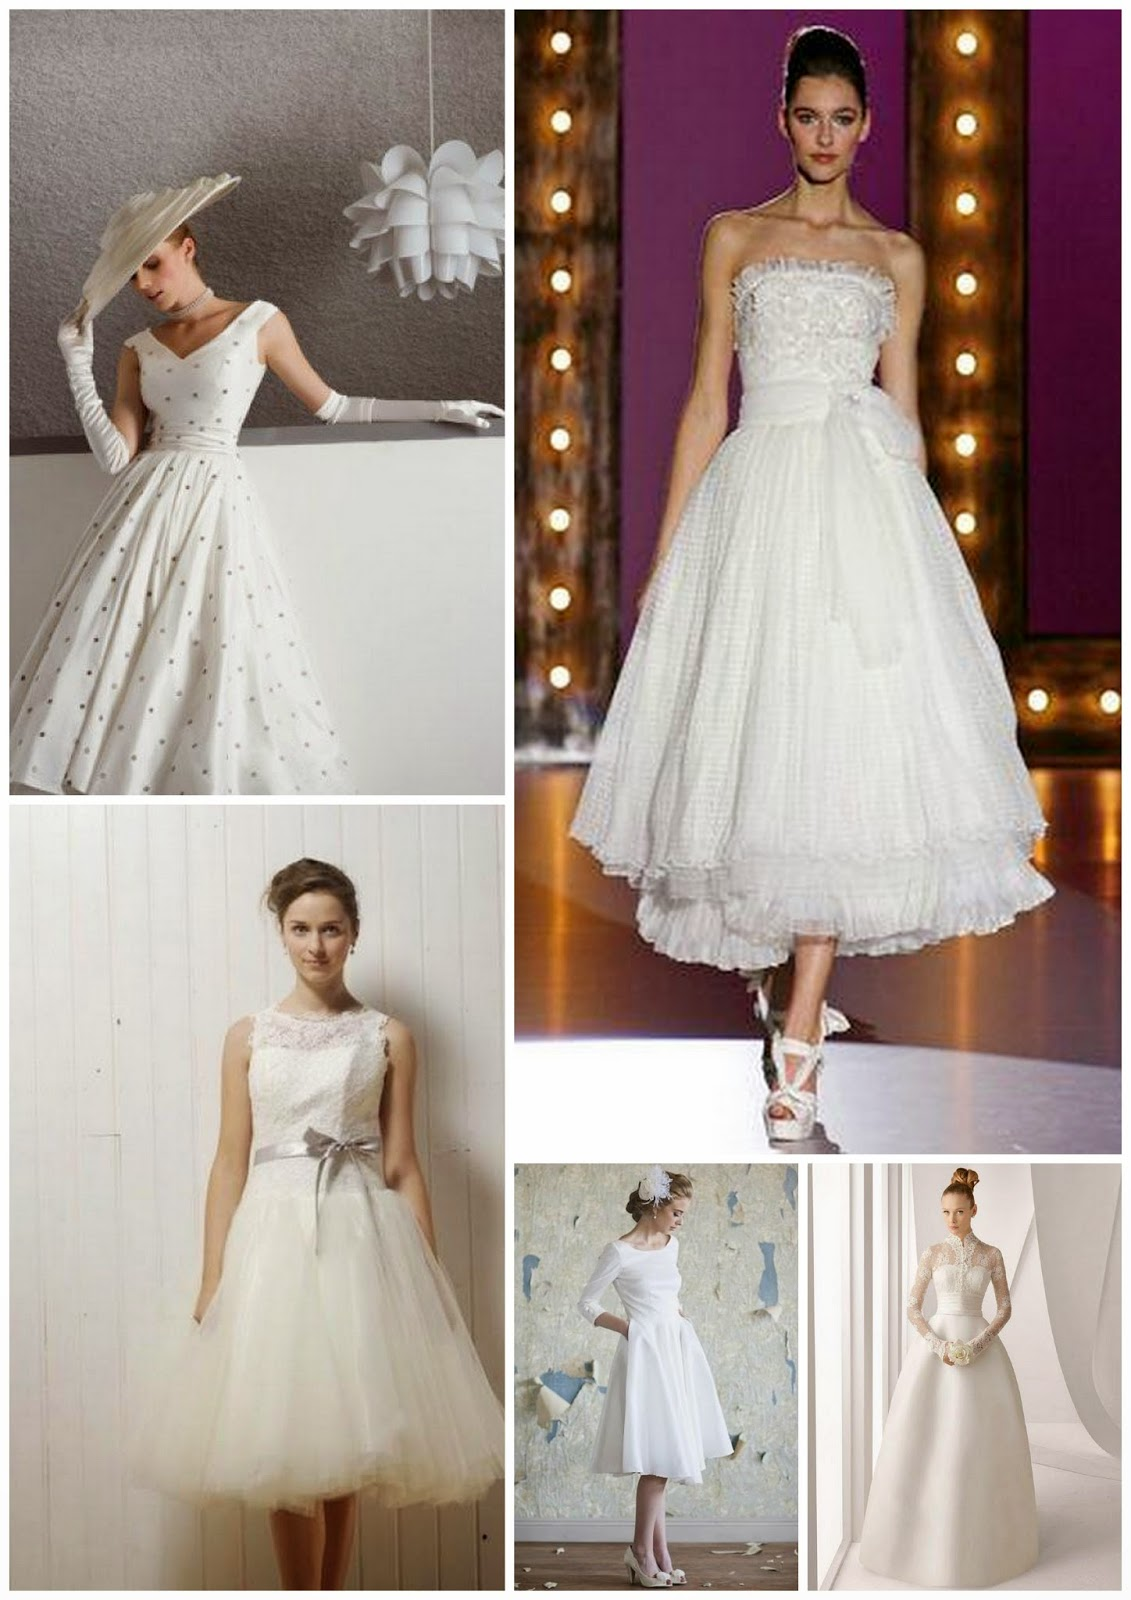 ... Creations presenta:: Vestiti da sposa anni 50. Fifties style wedding